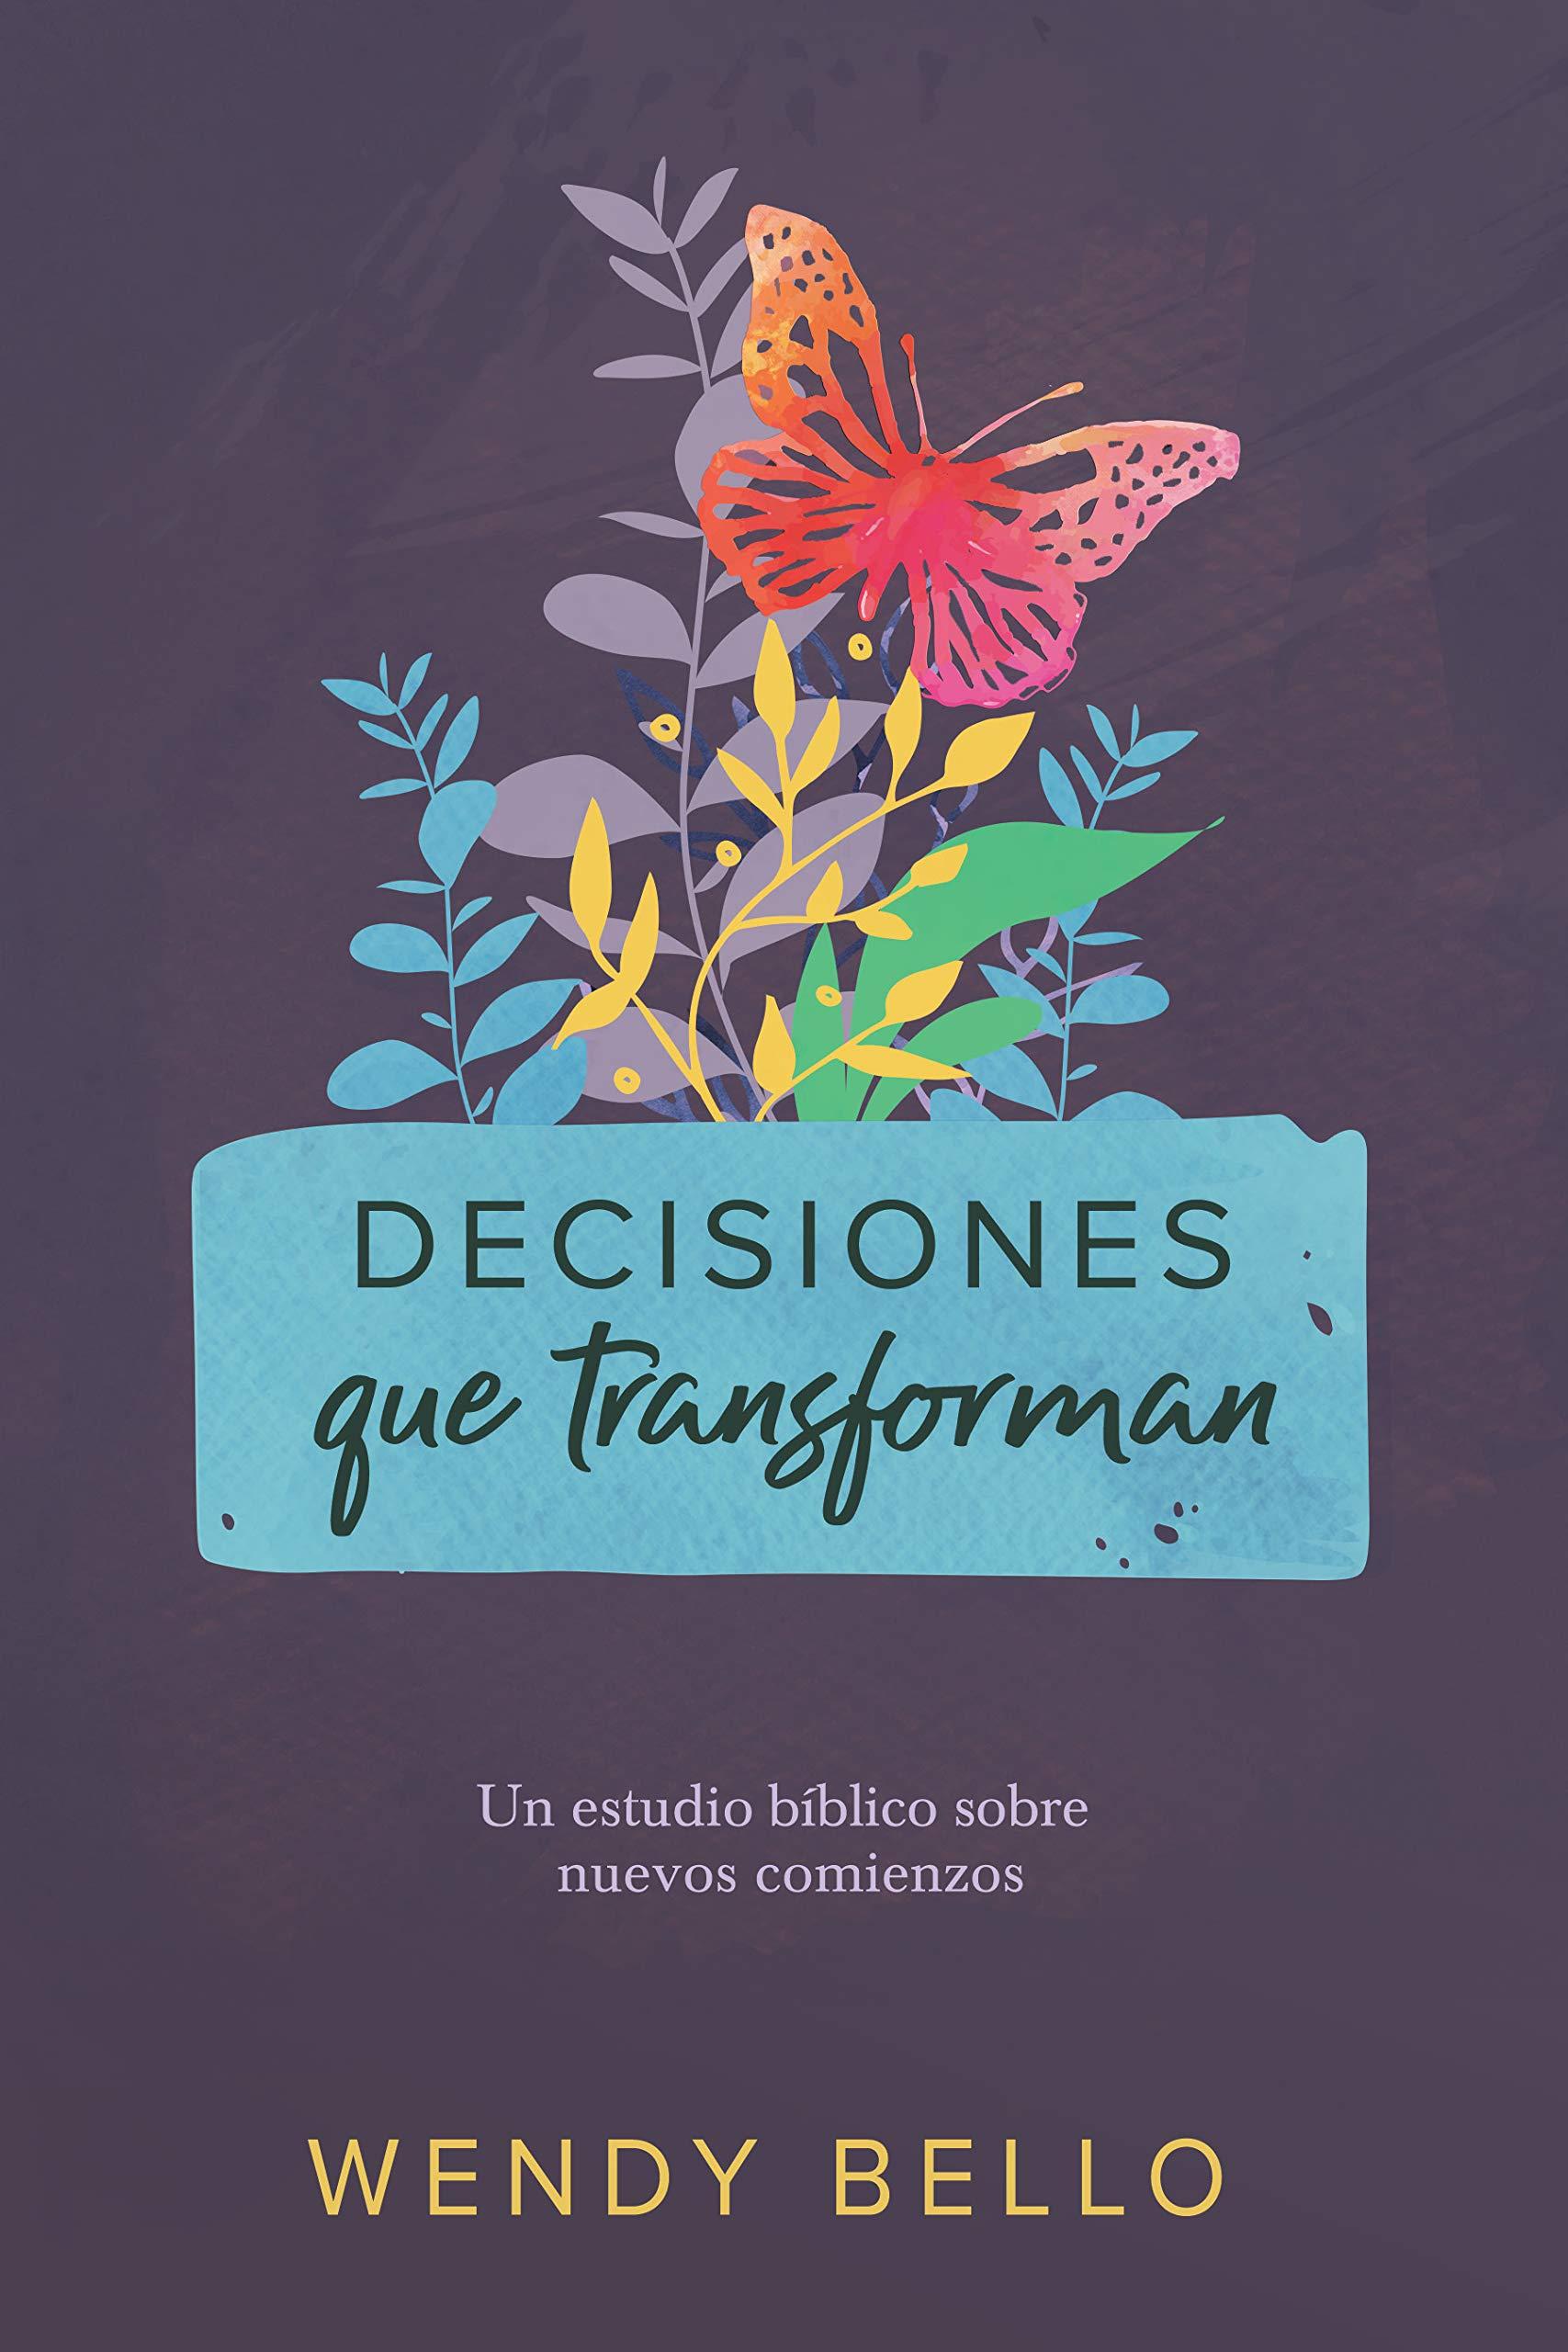 Decisiones Que Transforman: Un Estudio Bíblico Sobre Nuevos Comienzos.